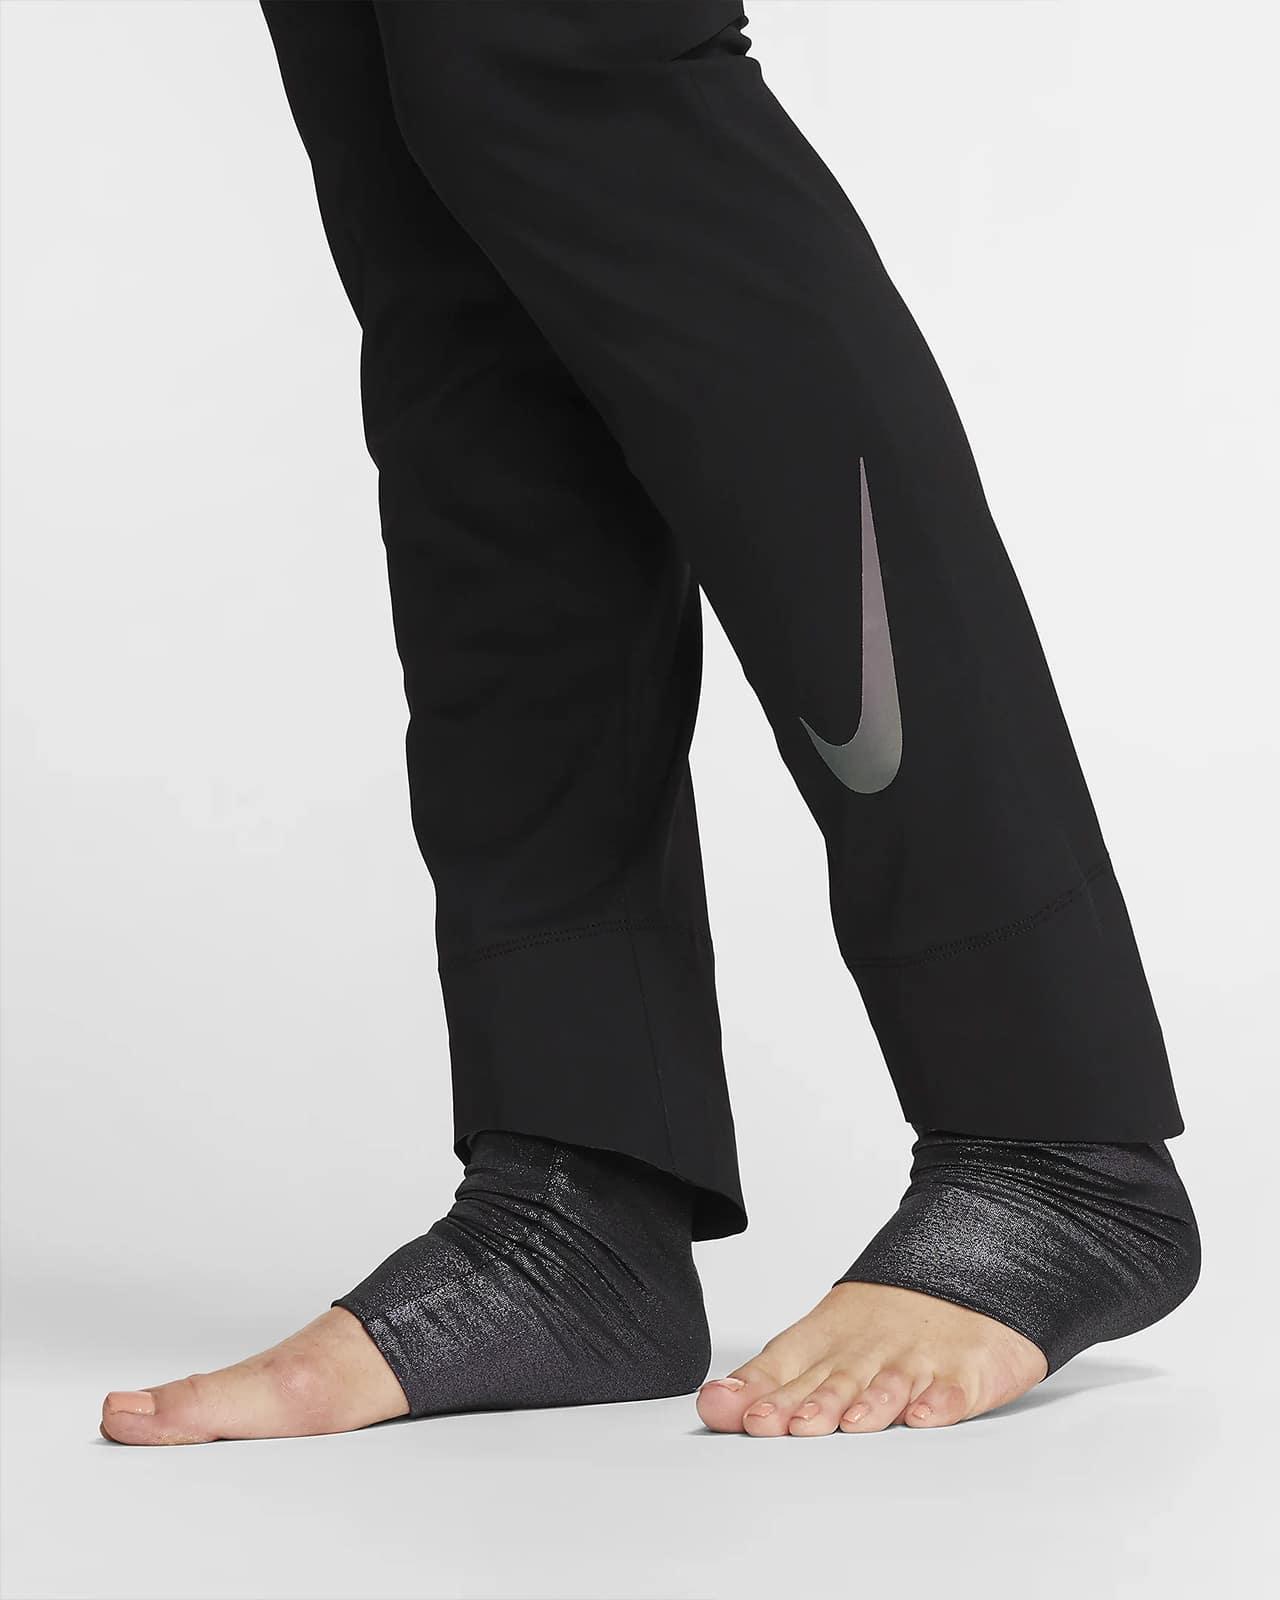 Покрытие ног